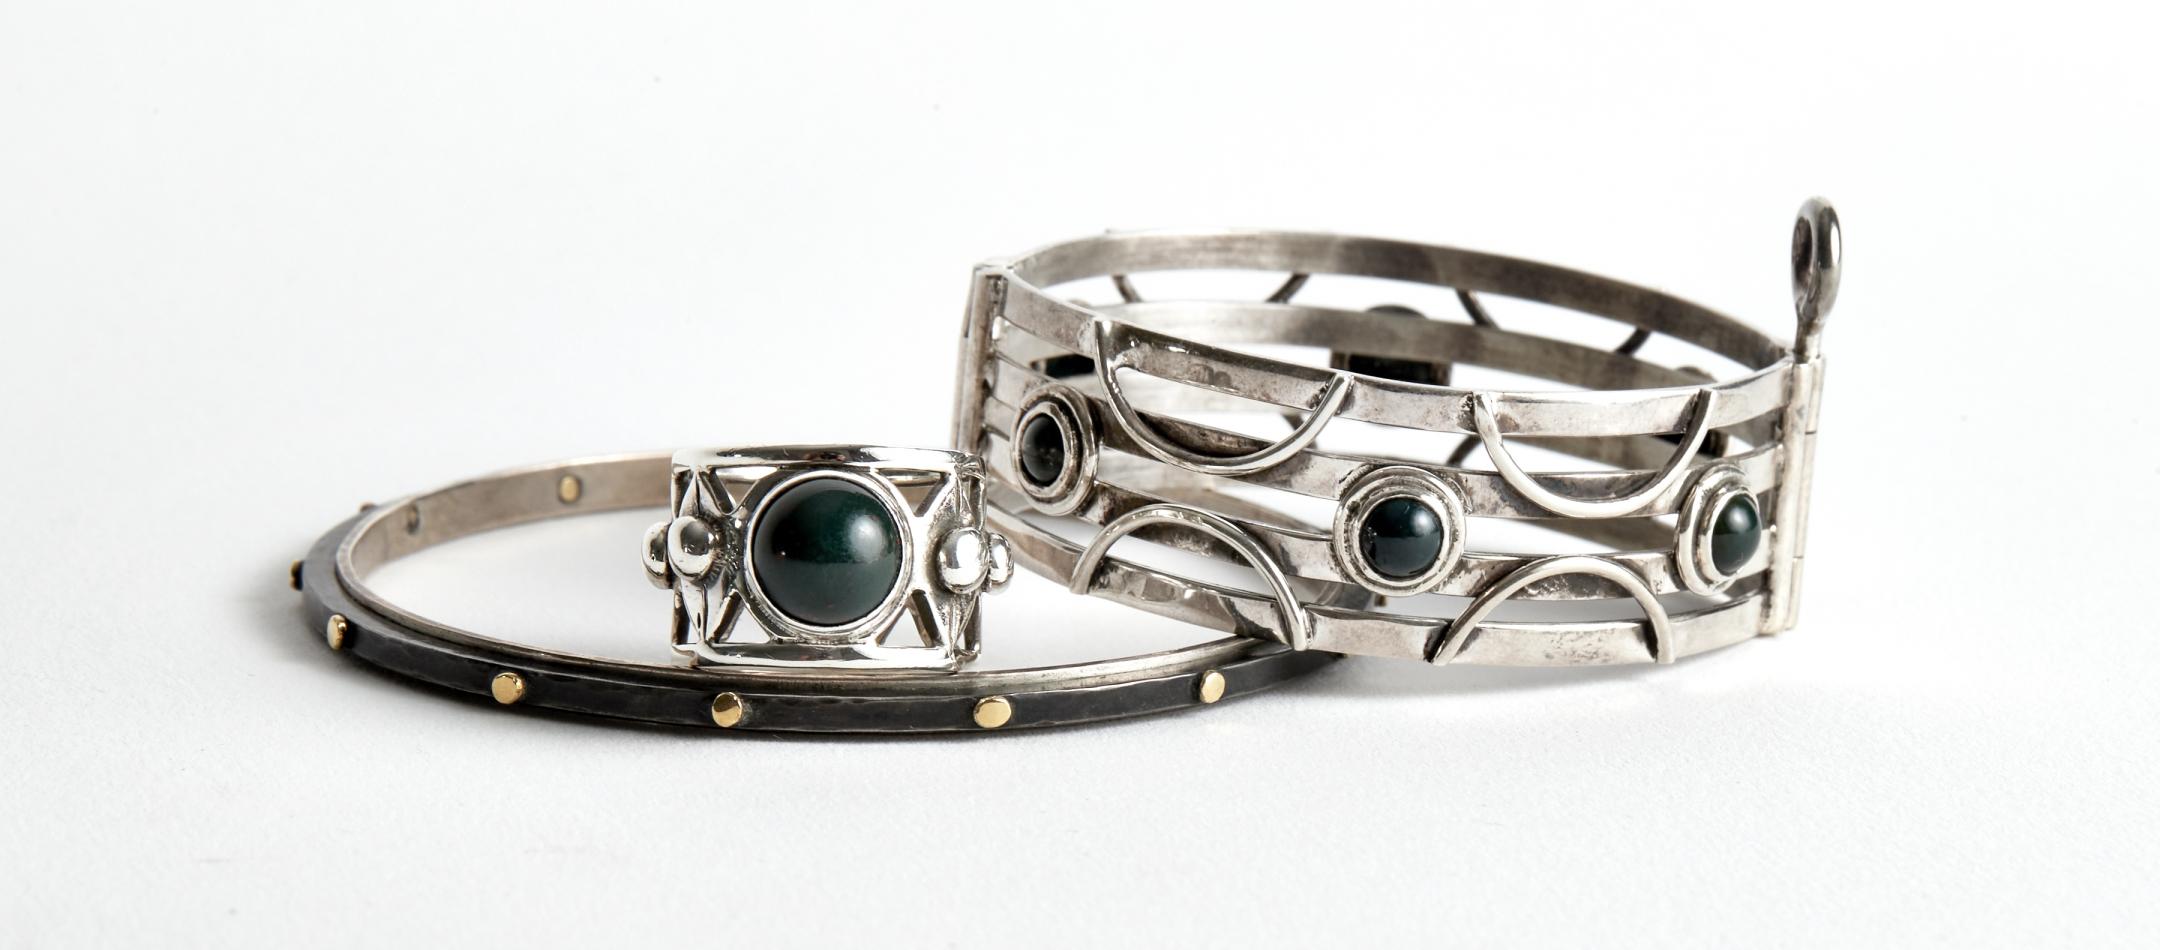 Audrey Werner Jewelry